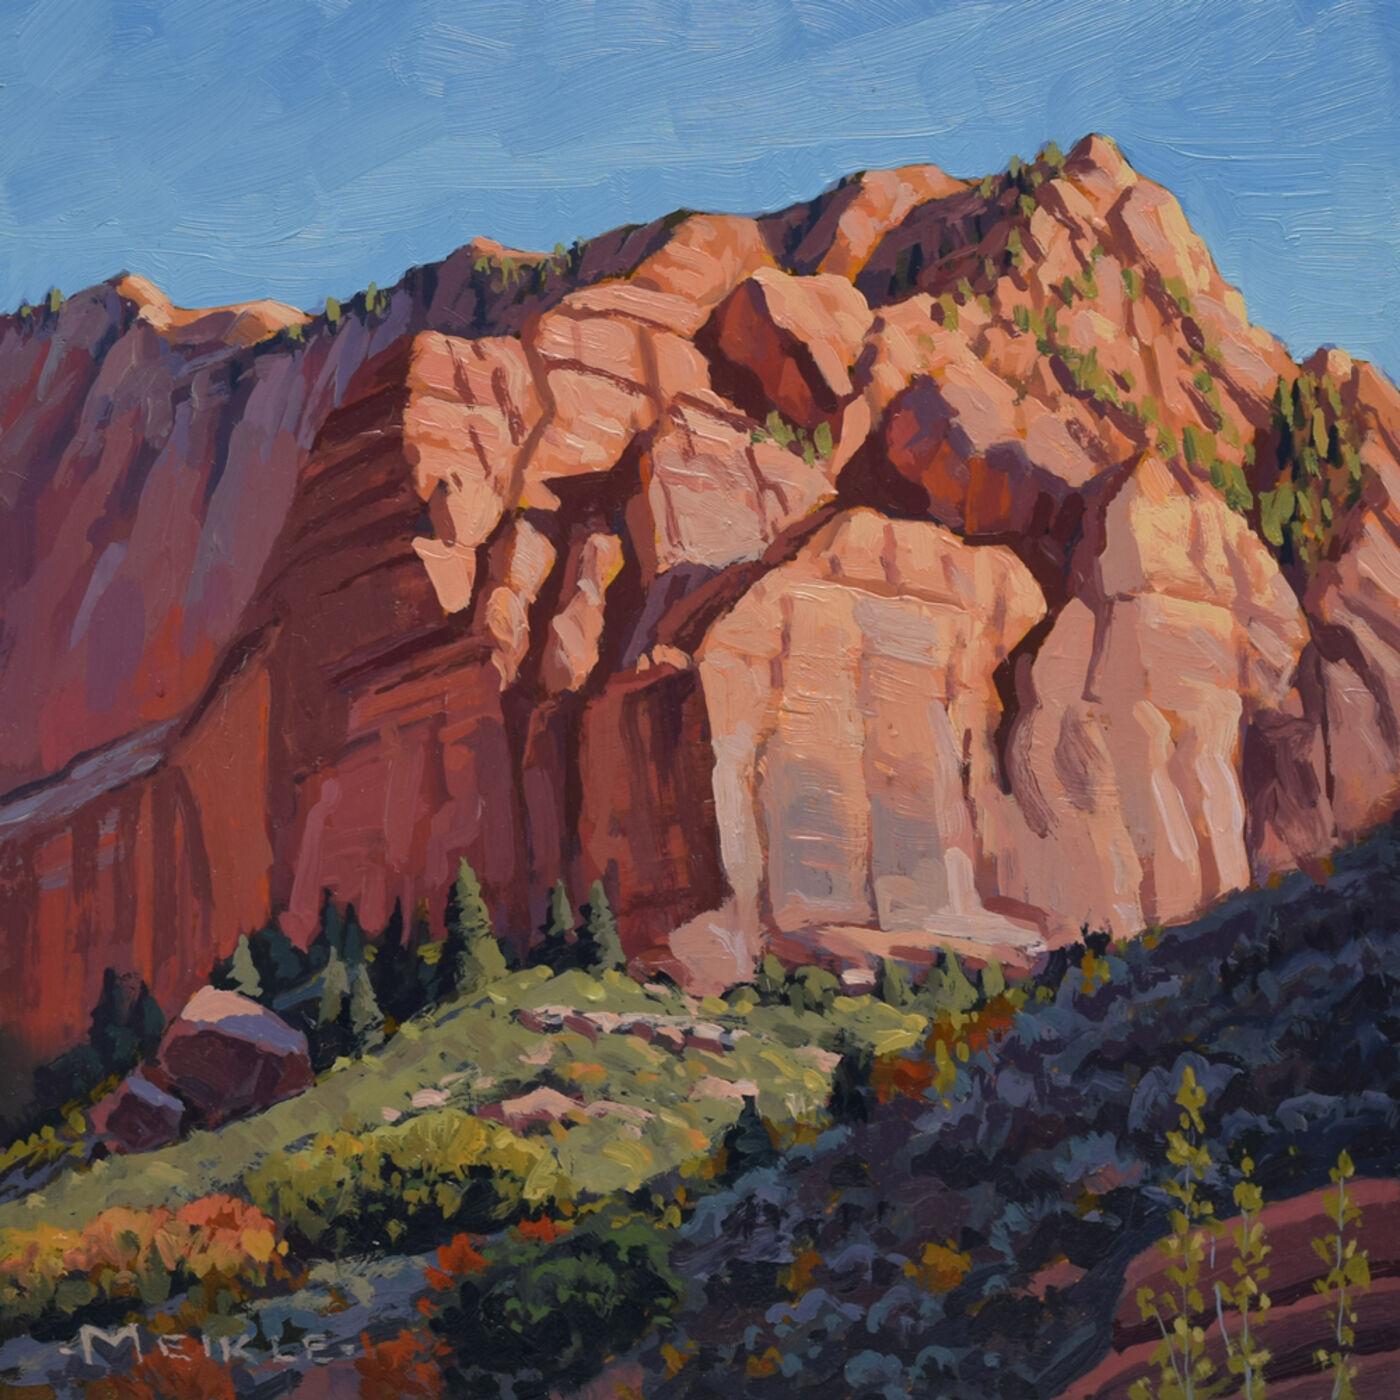 David Meikle: Landscape Painter and Art Director - Epi. 149, Host Dr. Mark Sublette